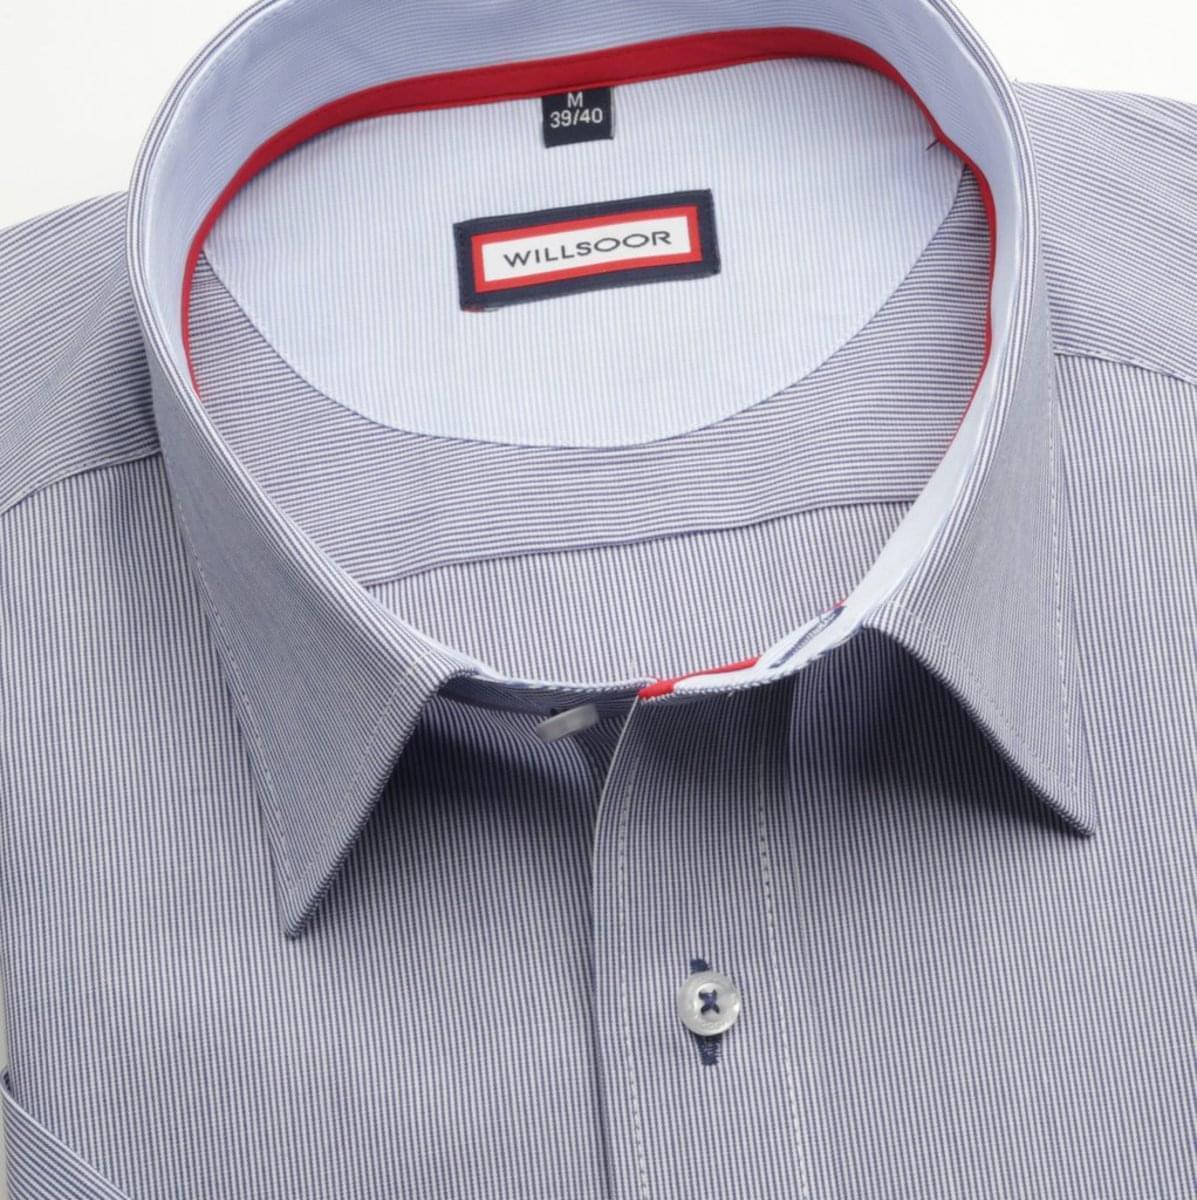 Pánská slim fit košile (výška 176-182) 6584 s modrým proužkem a formulí Easy Care 176-182 / M (39/40)